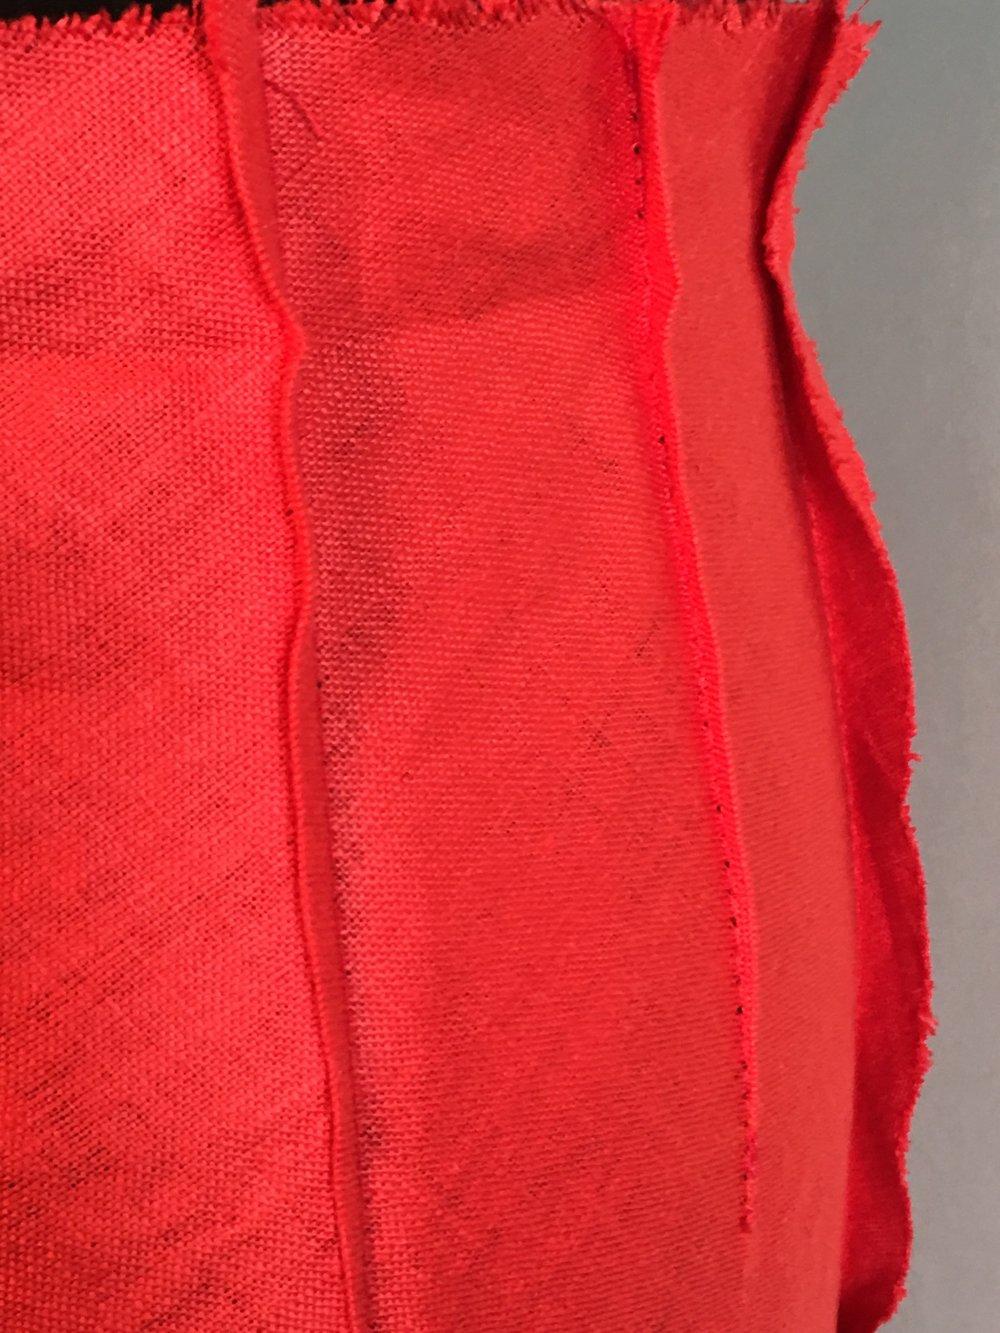 Red Skirt 3.jpg